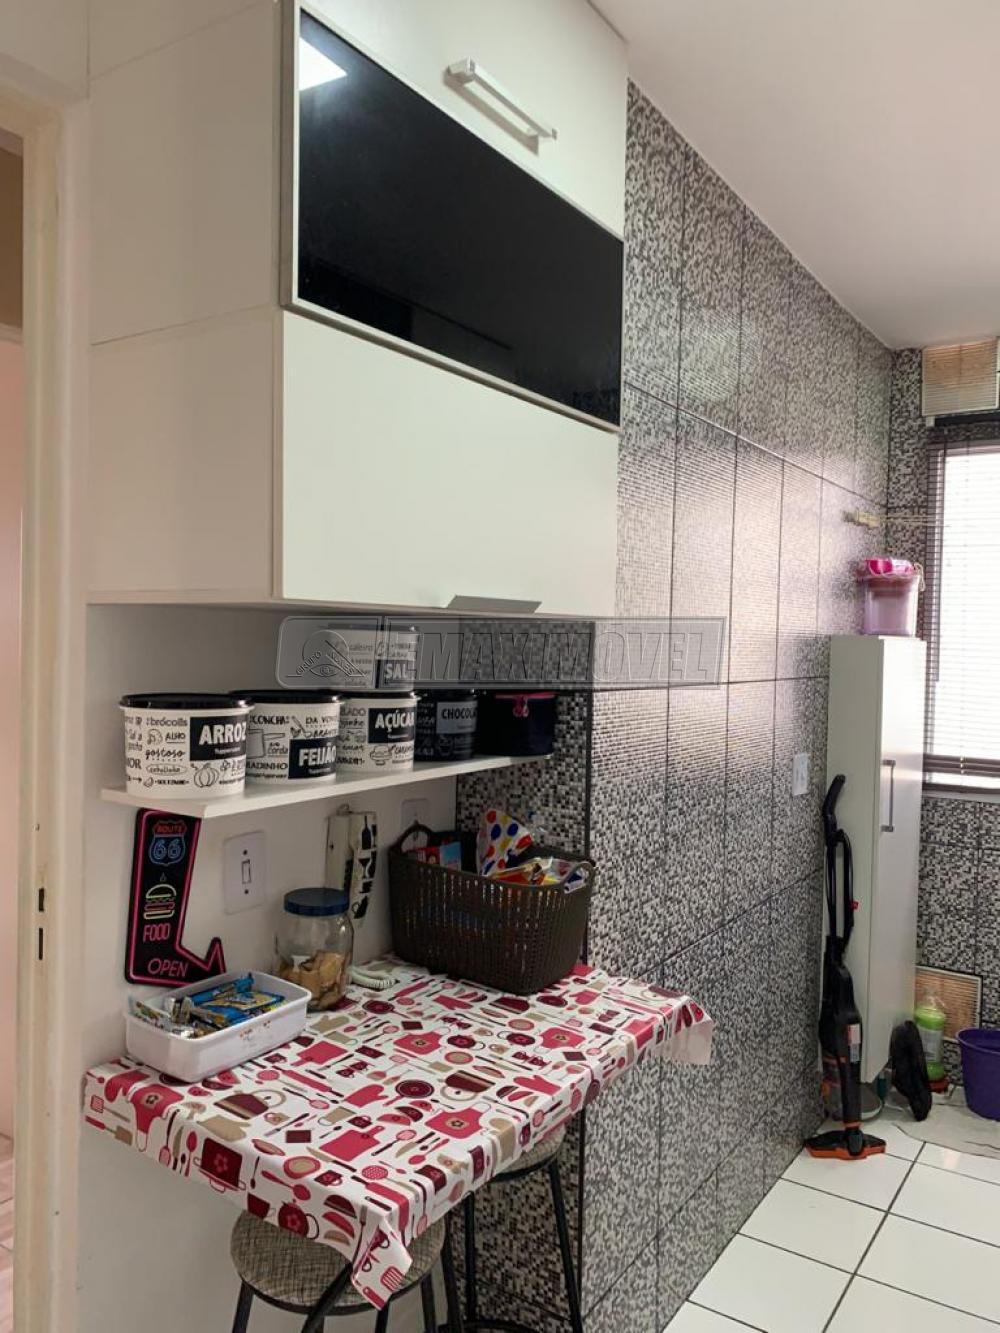 Comprar Apartamentos / Apto Padrão em Sorocaba apenas R$ 235.000,00 - Foto 12